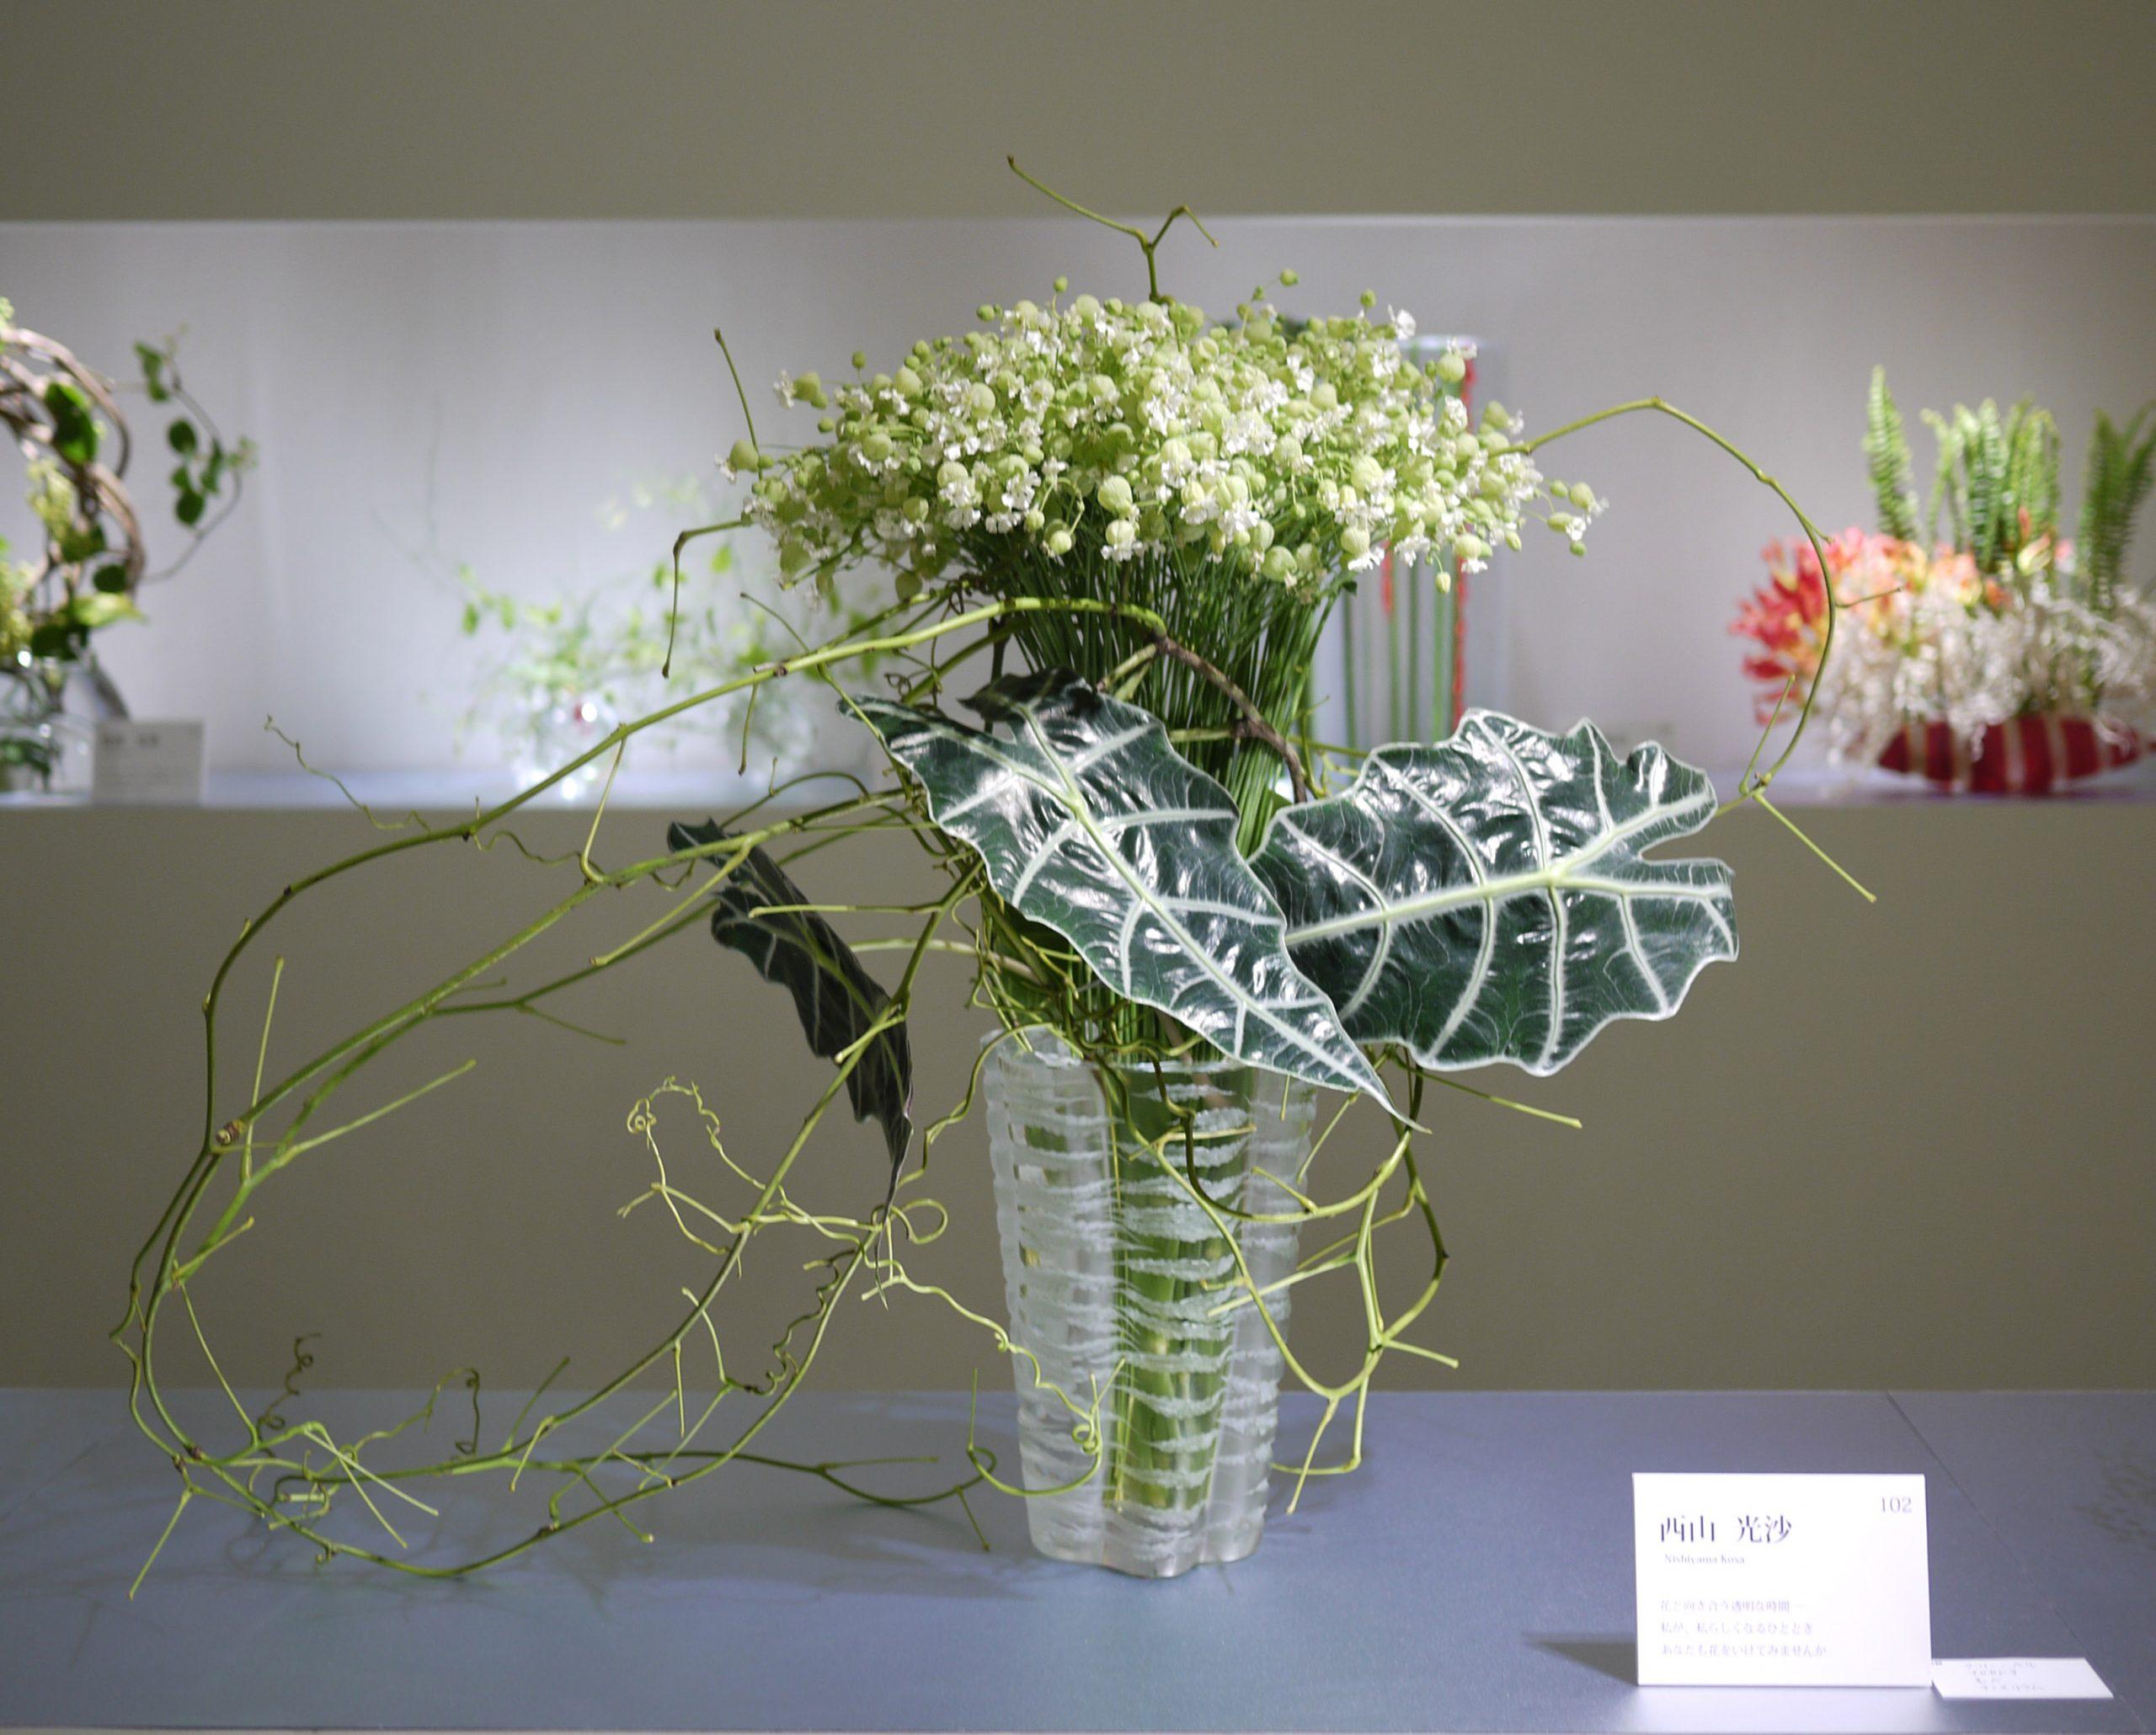 2014  草月いけばな展「みどりの瞬間」新宿髙島屋<br> Sogetsu Exhibition at Takashimaya, Shinjuku, Tokyo